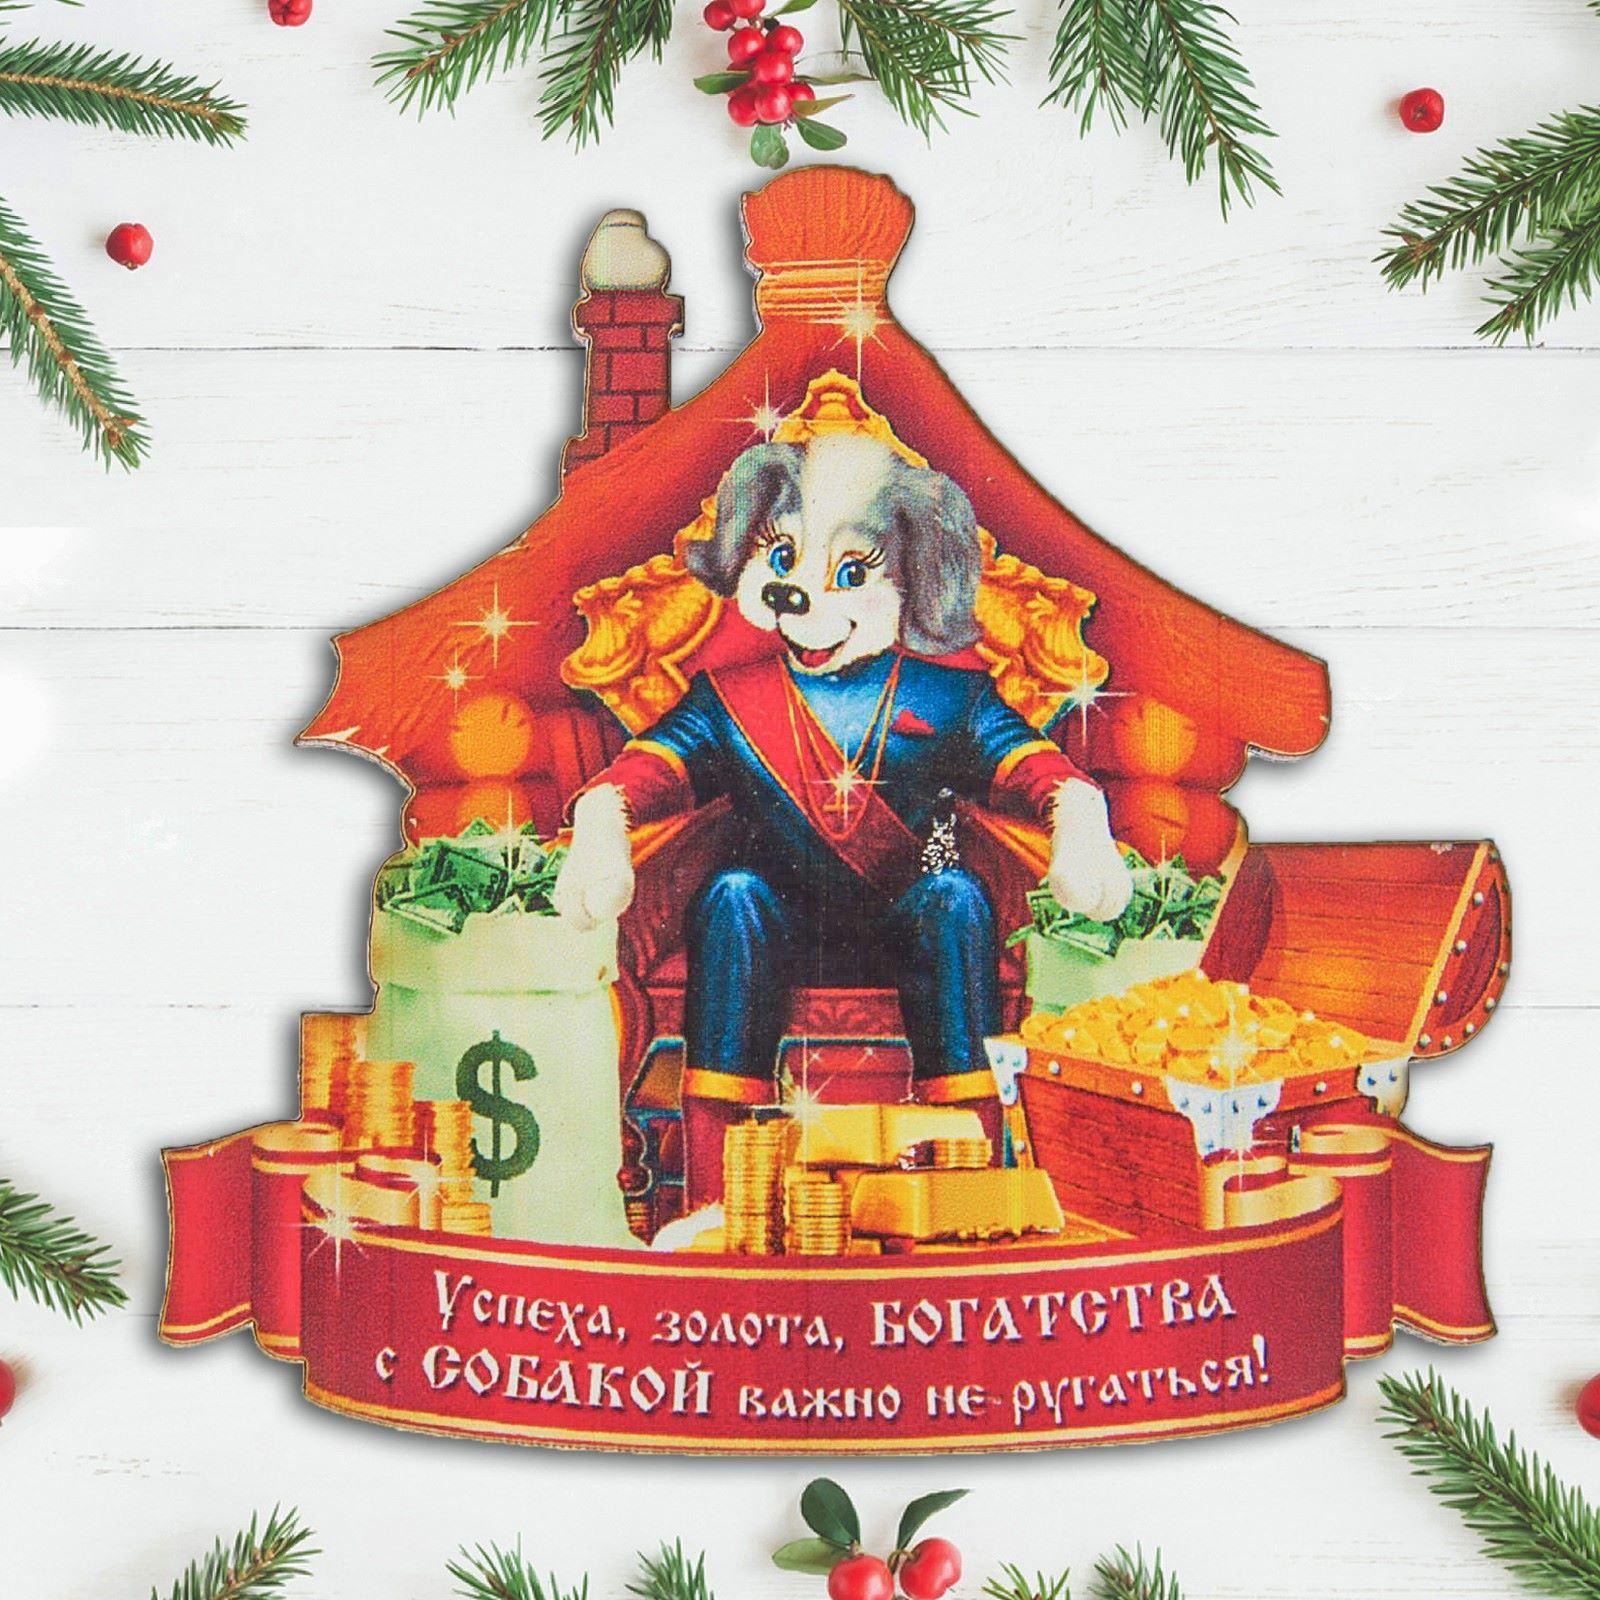 Магнит Sima-land Успеха, золота, богатства.., 8 х 7 см2460292Порадуйте родных и близких оригинальным сувениром: преподнесите в подарок магнит. С ним даже самый серьёзный человек почувствует себя ребёнком, ожидающим чудо! Создайте праздничное настроение, и оно останется с вами на весь год.